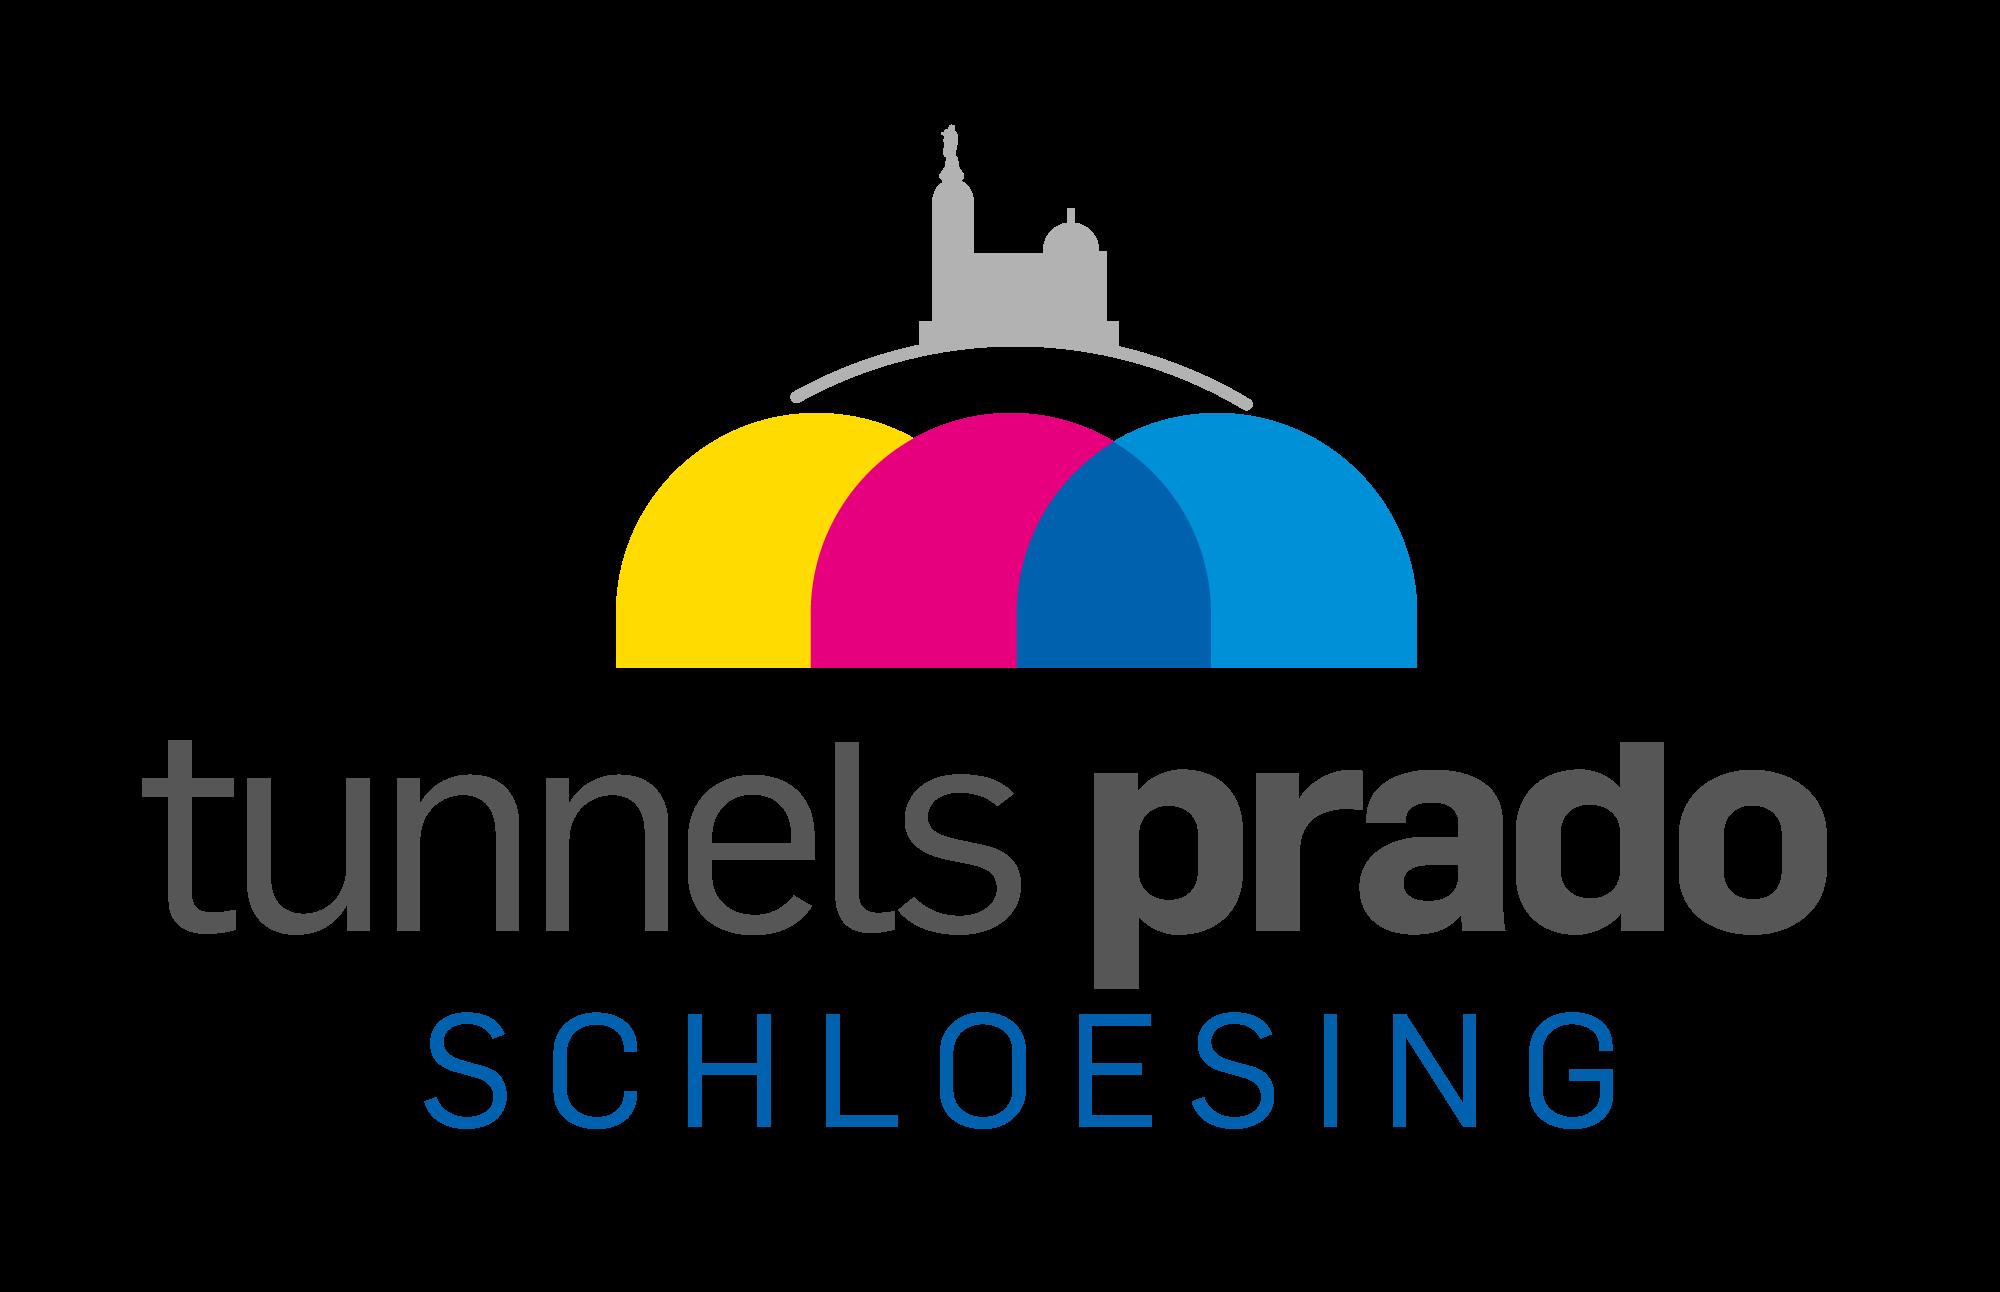 Bretelle Schloesing